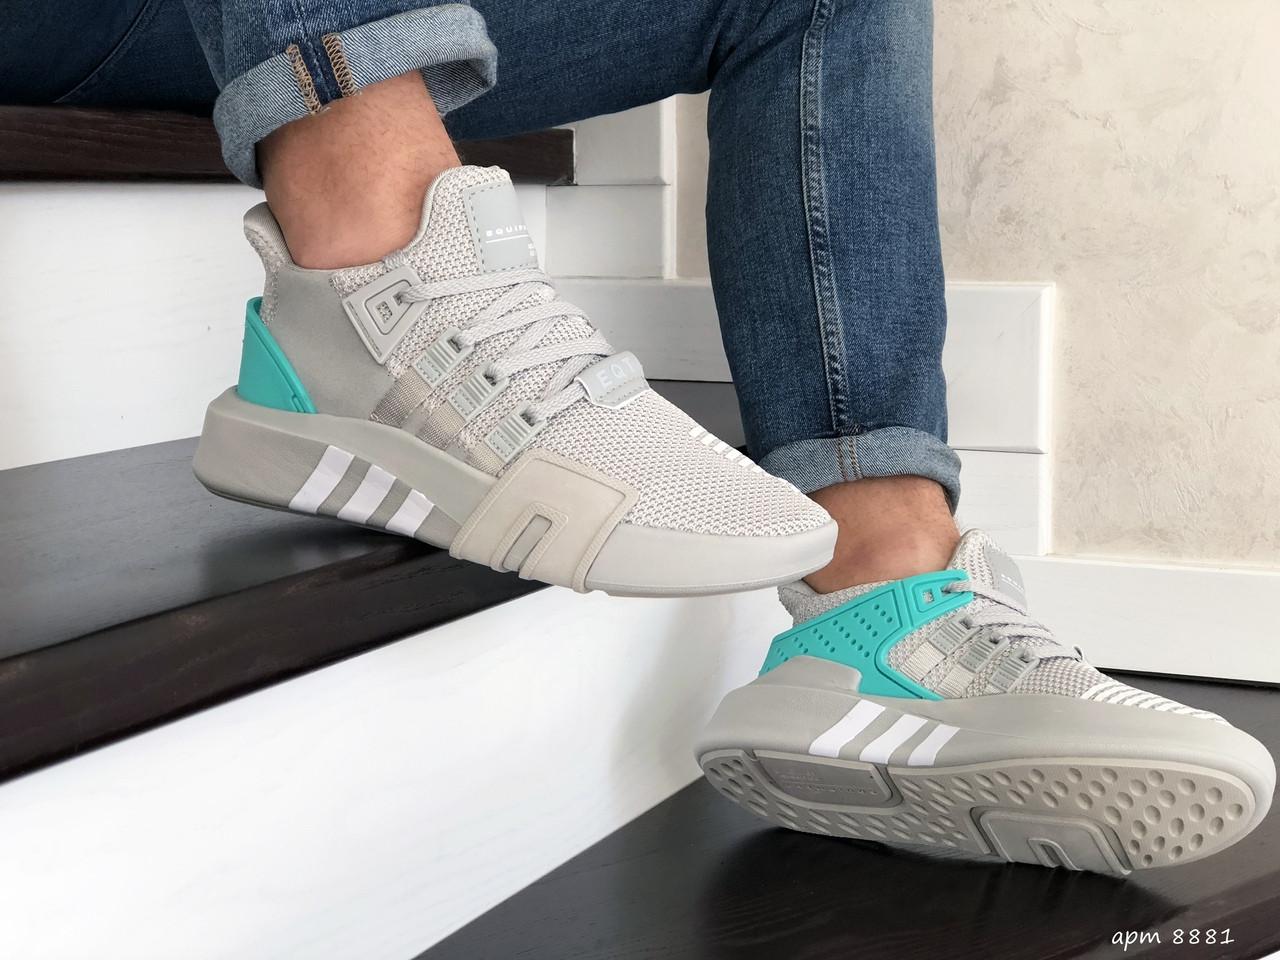 Мужские кроссовки Adidas Equipment adv 91-18 (светло-серые) 8881